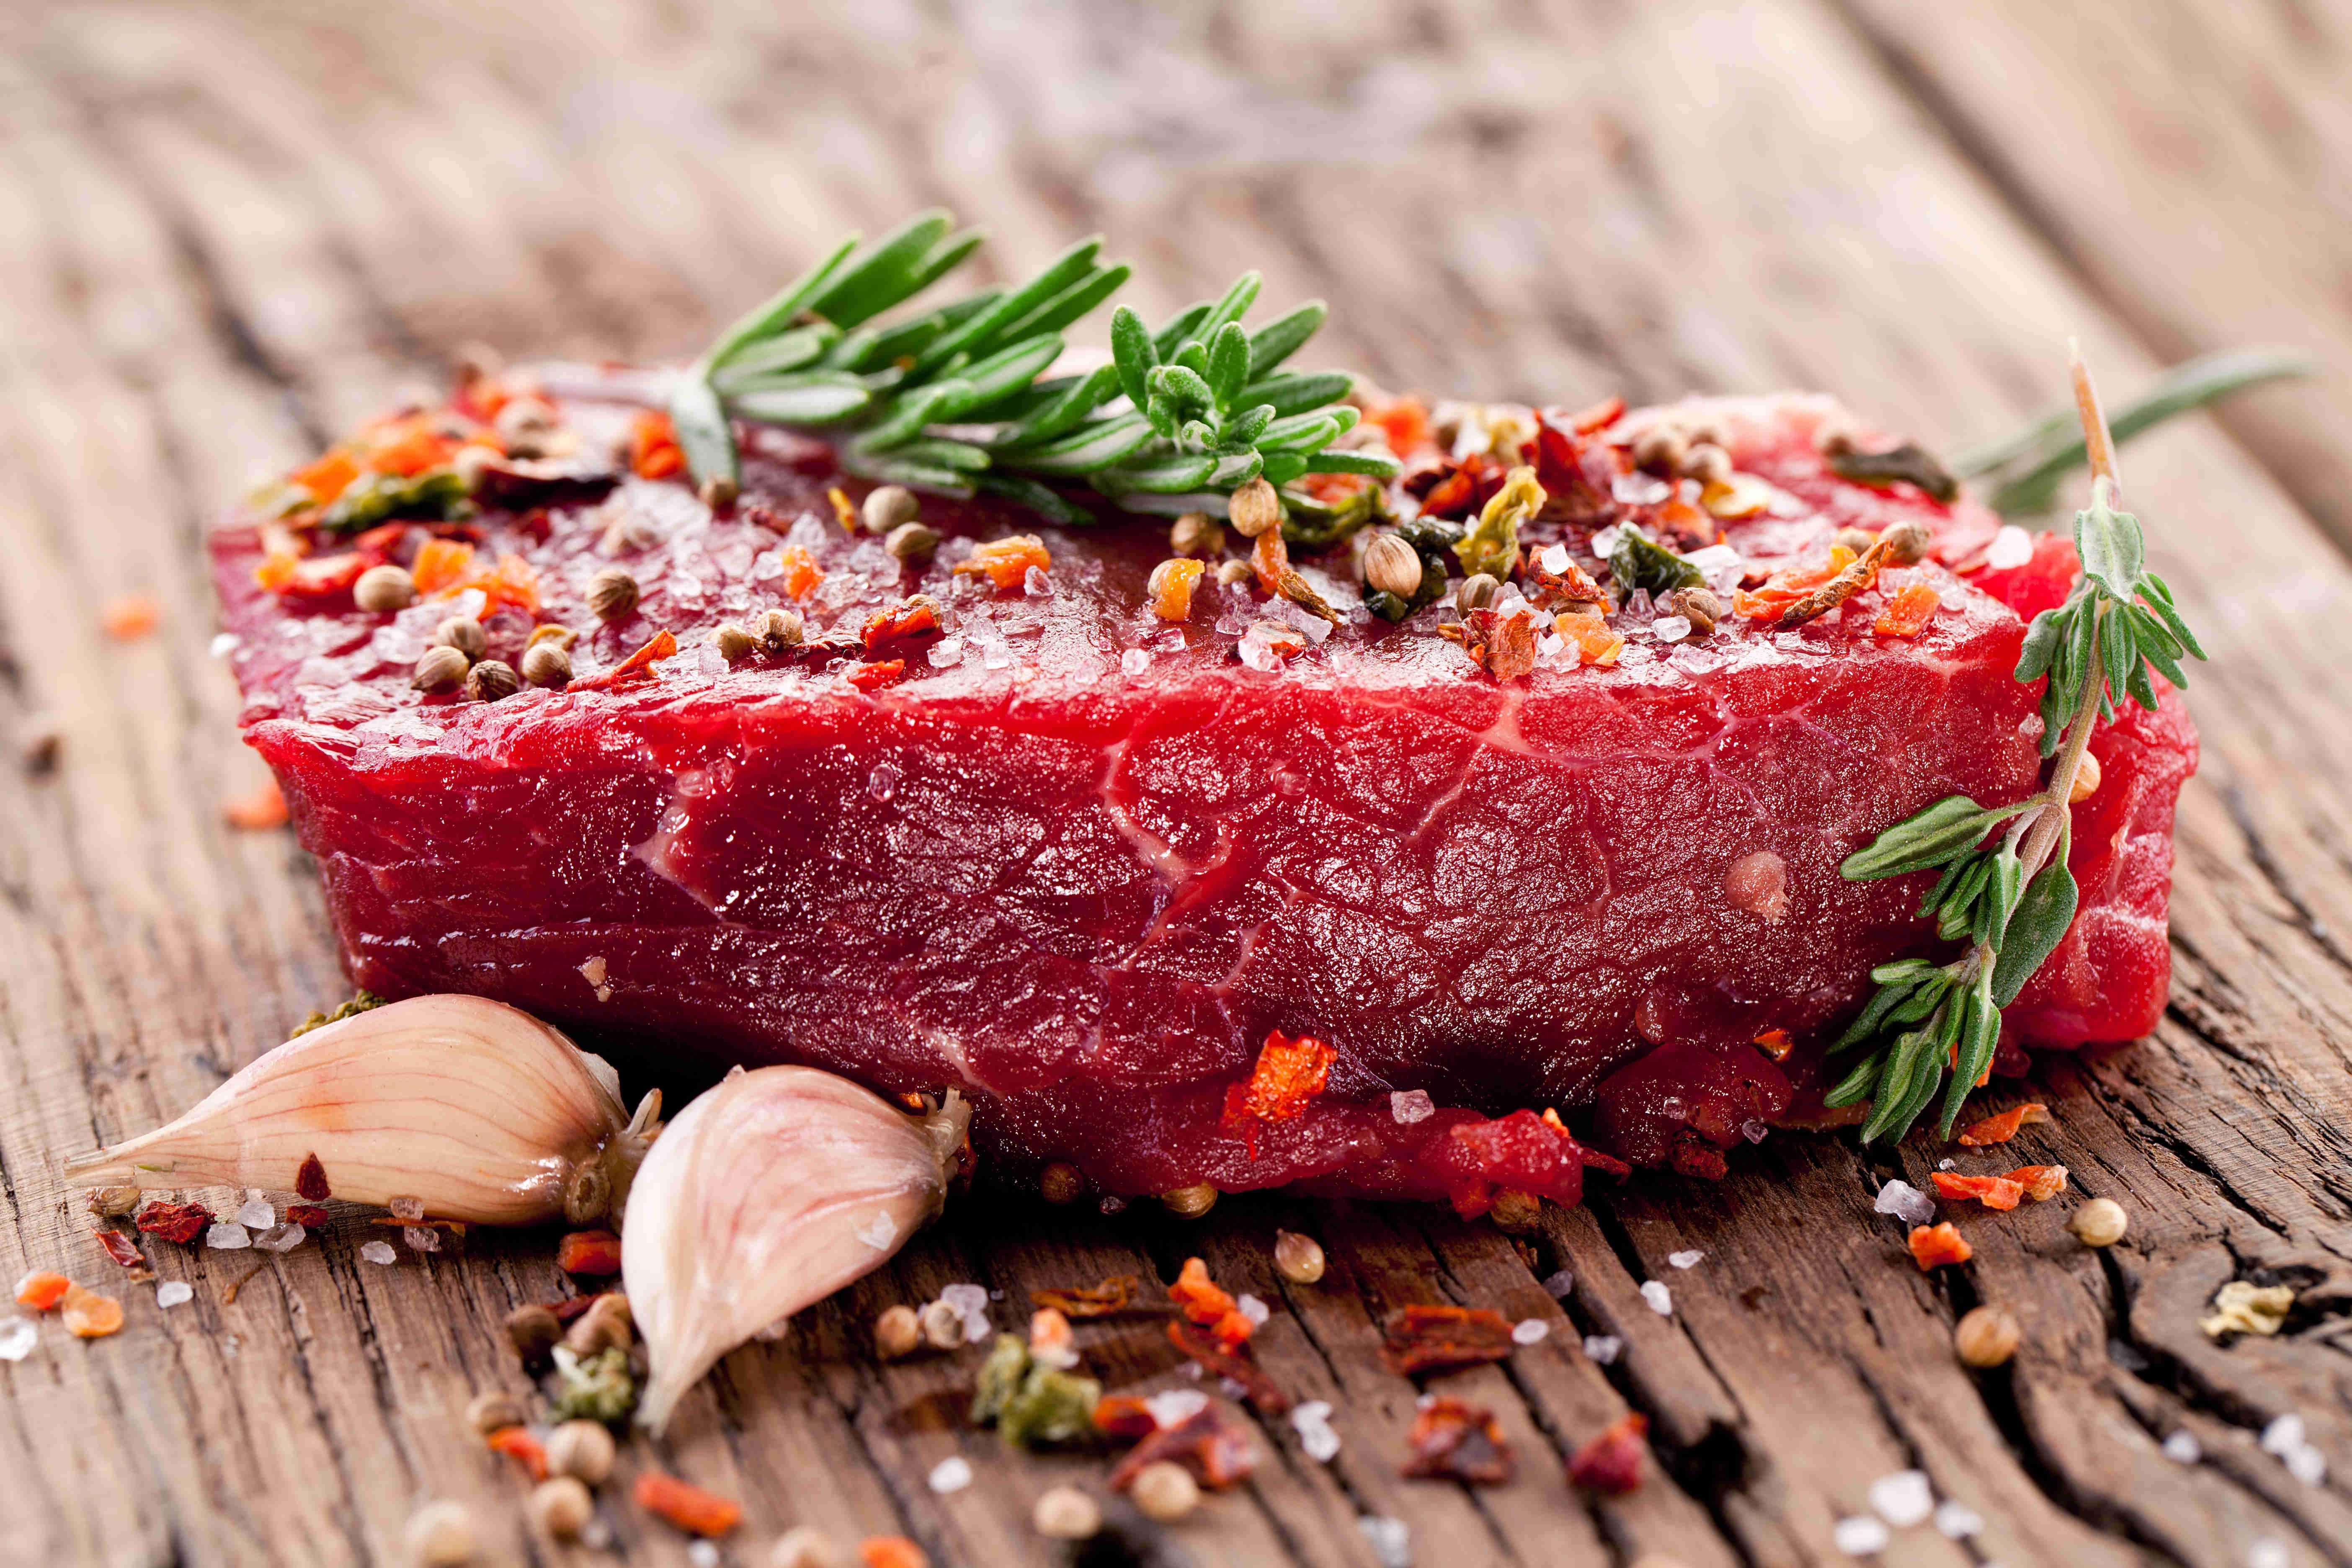 varier-proteines-boeuf